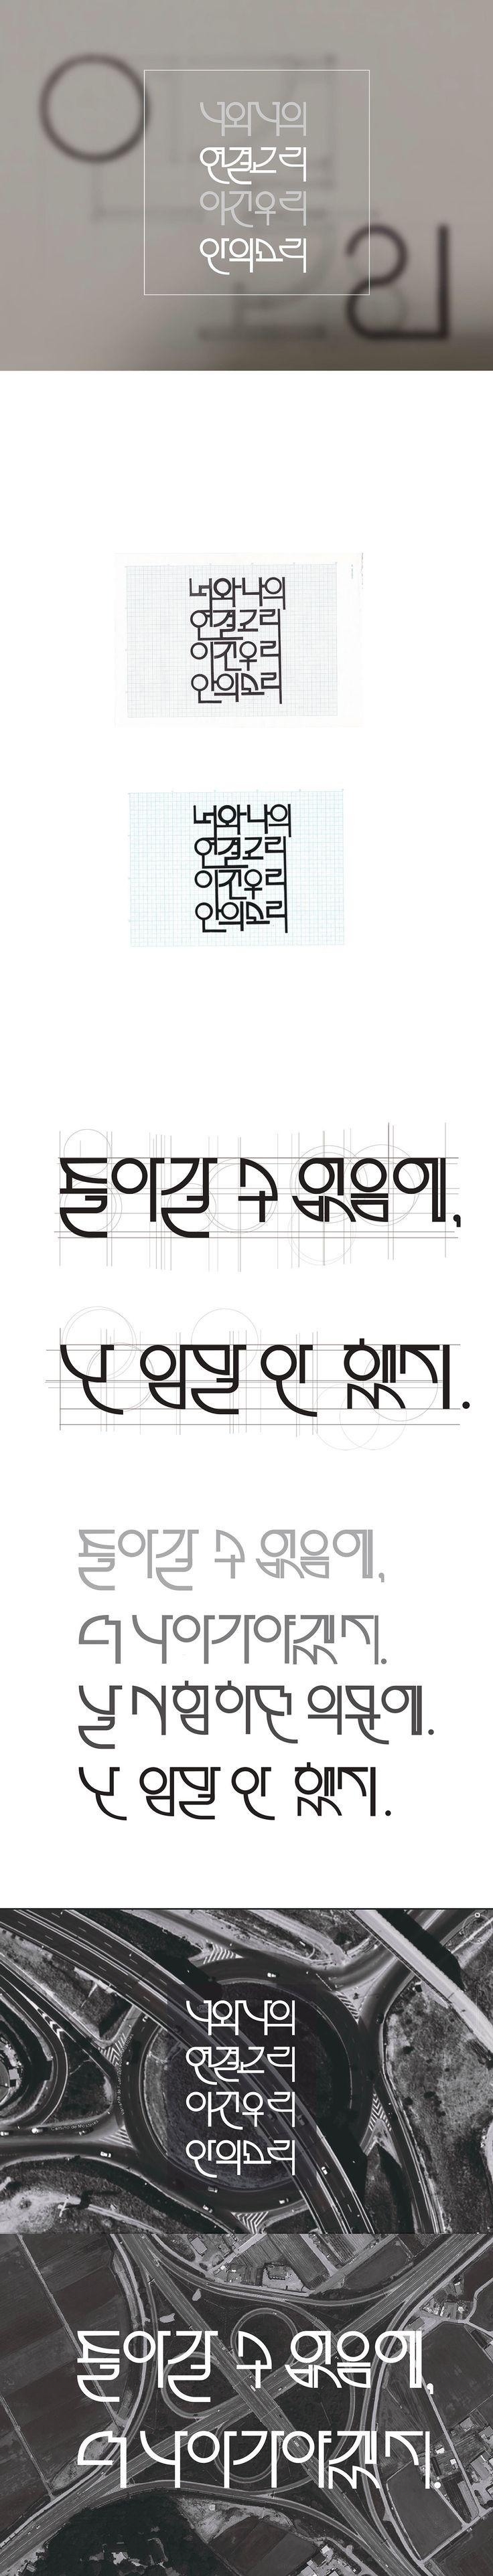 최형진│ Typography Design 2015│ Major in Digital Media Design│#hicoda │hicoda.hongik.ac.kr